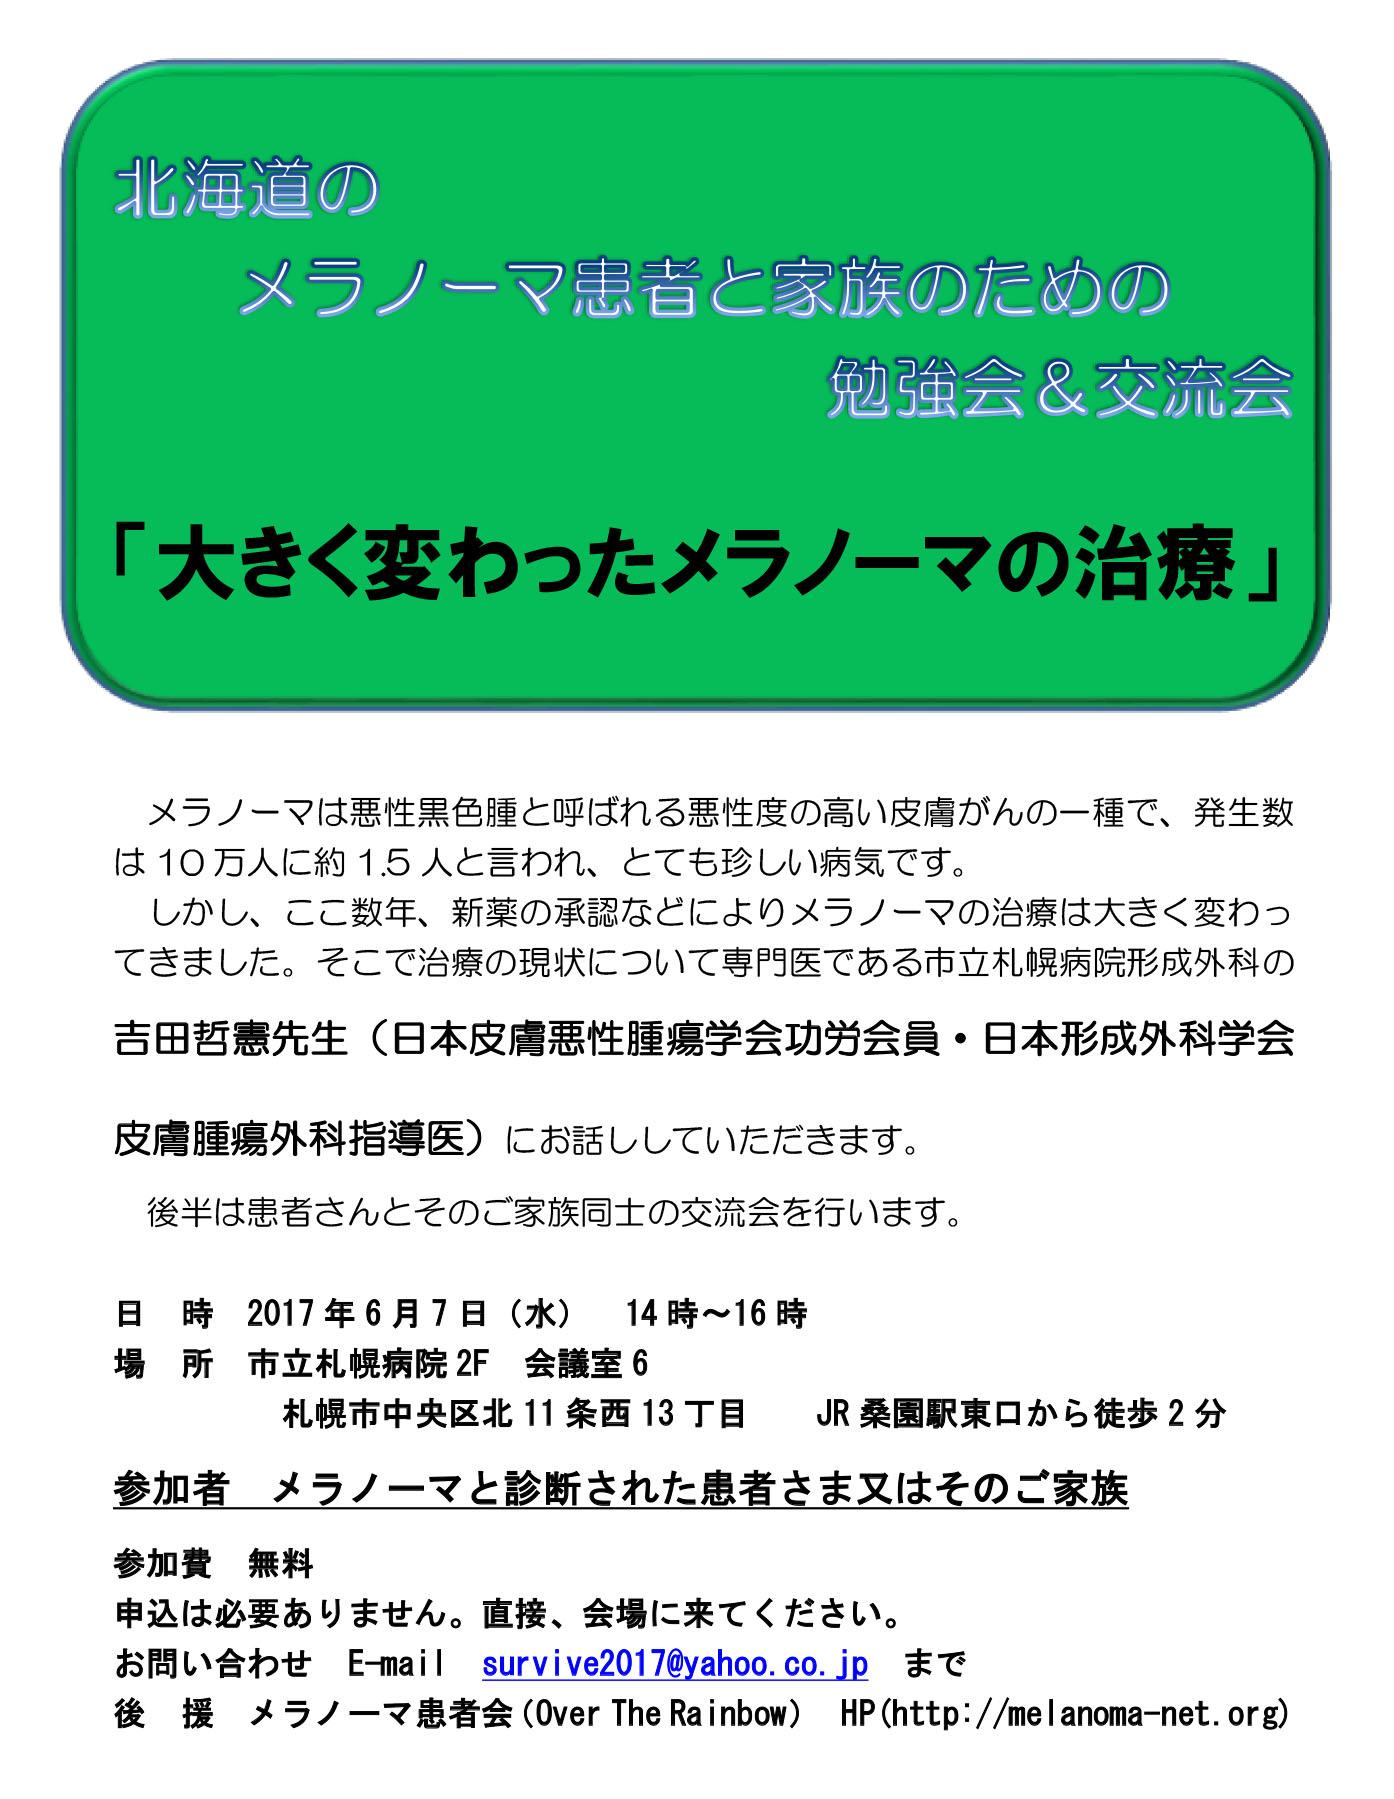 北海道のメラノーマ患者と家族のための勉強会&交流会